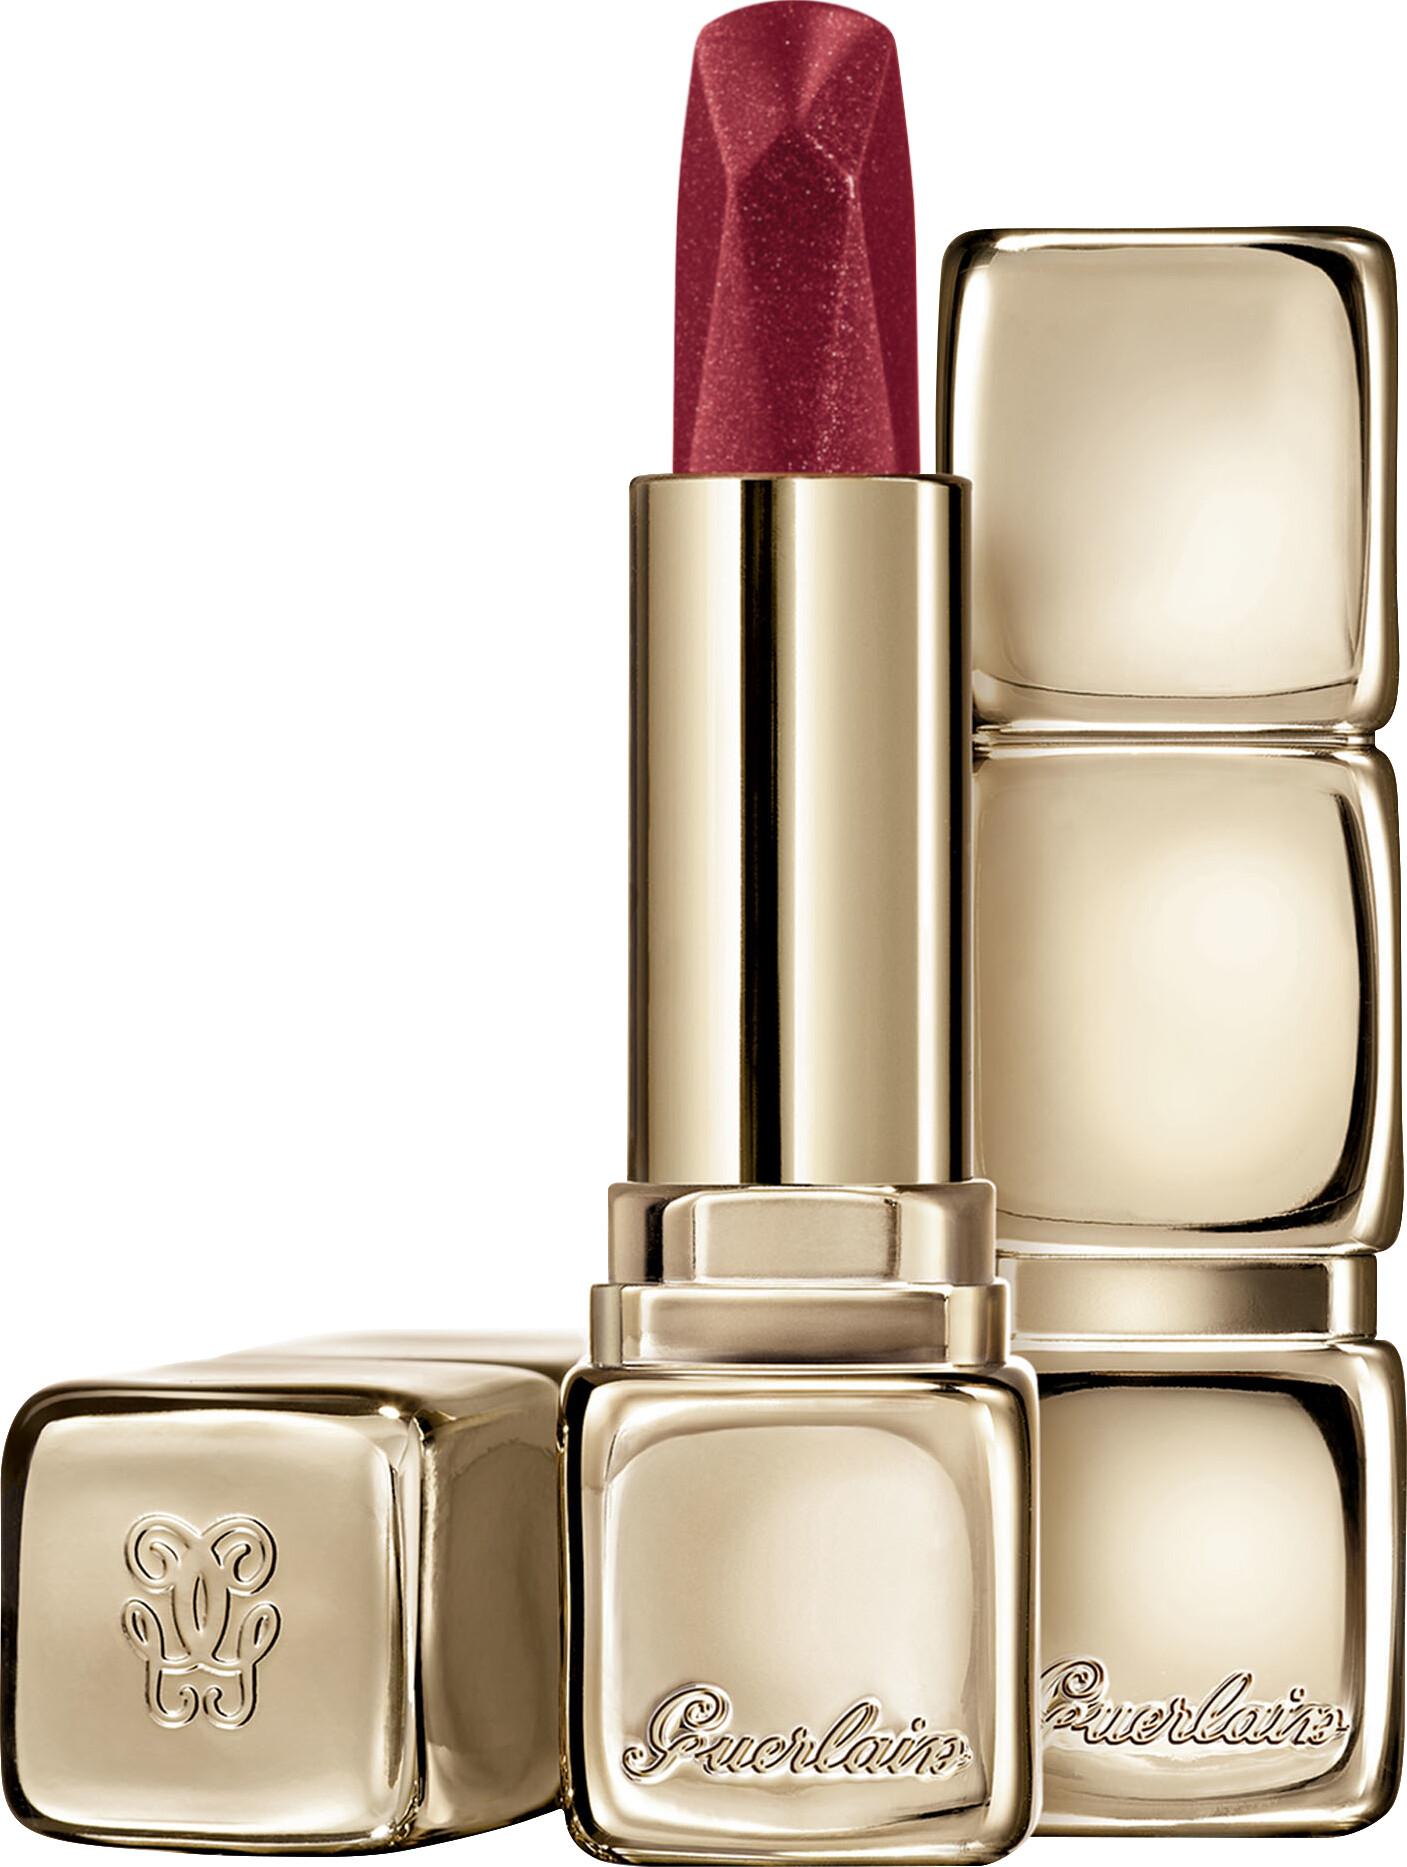 GUERLAIN KISSKISS Diamond Lipstick Satin Finish